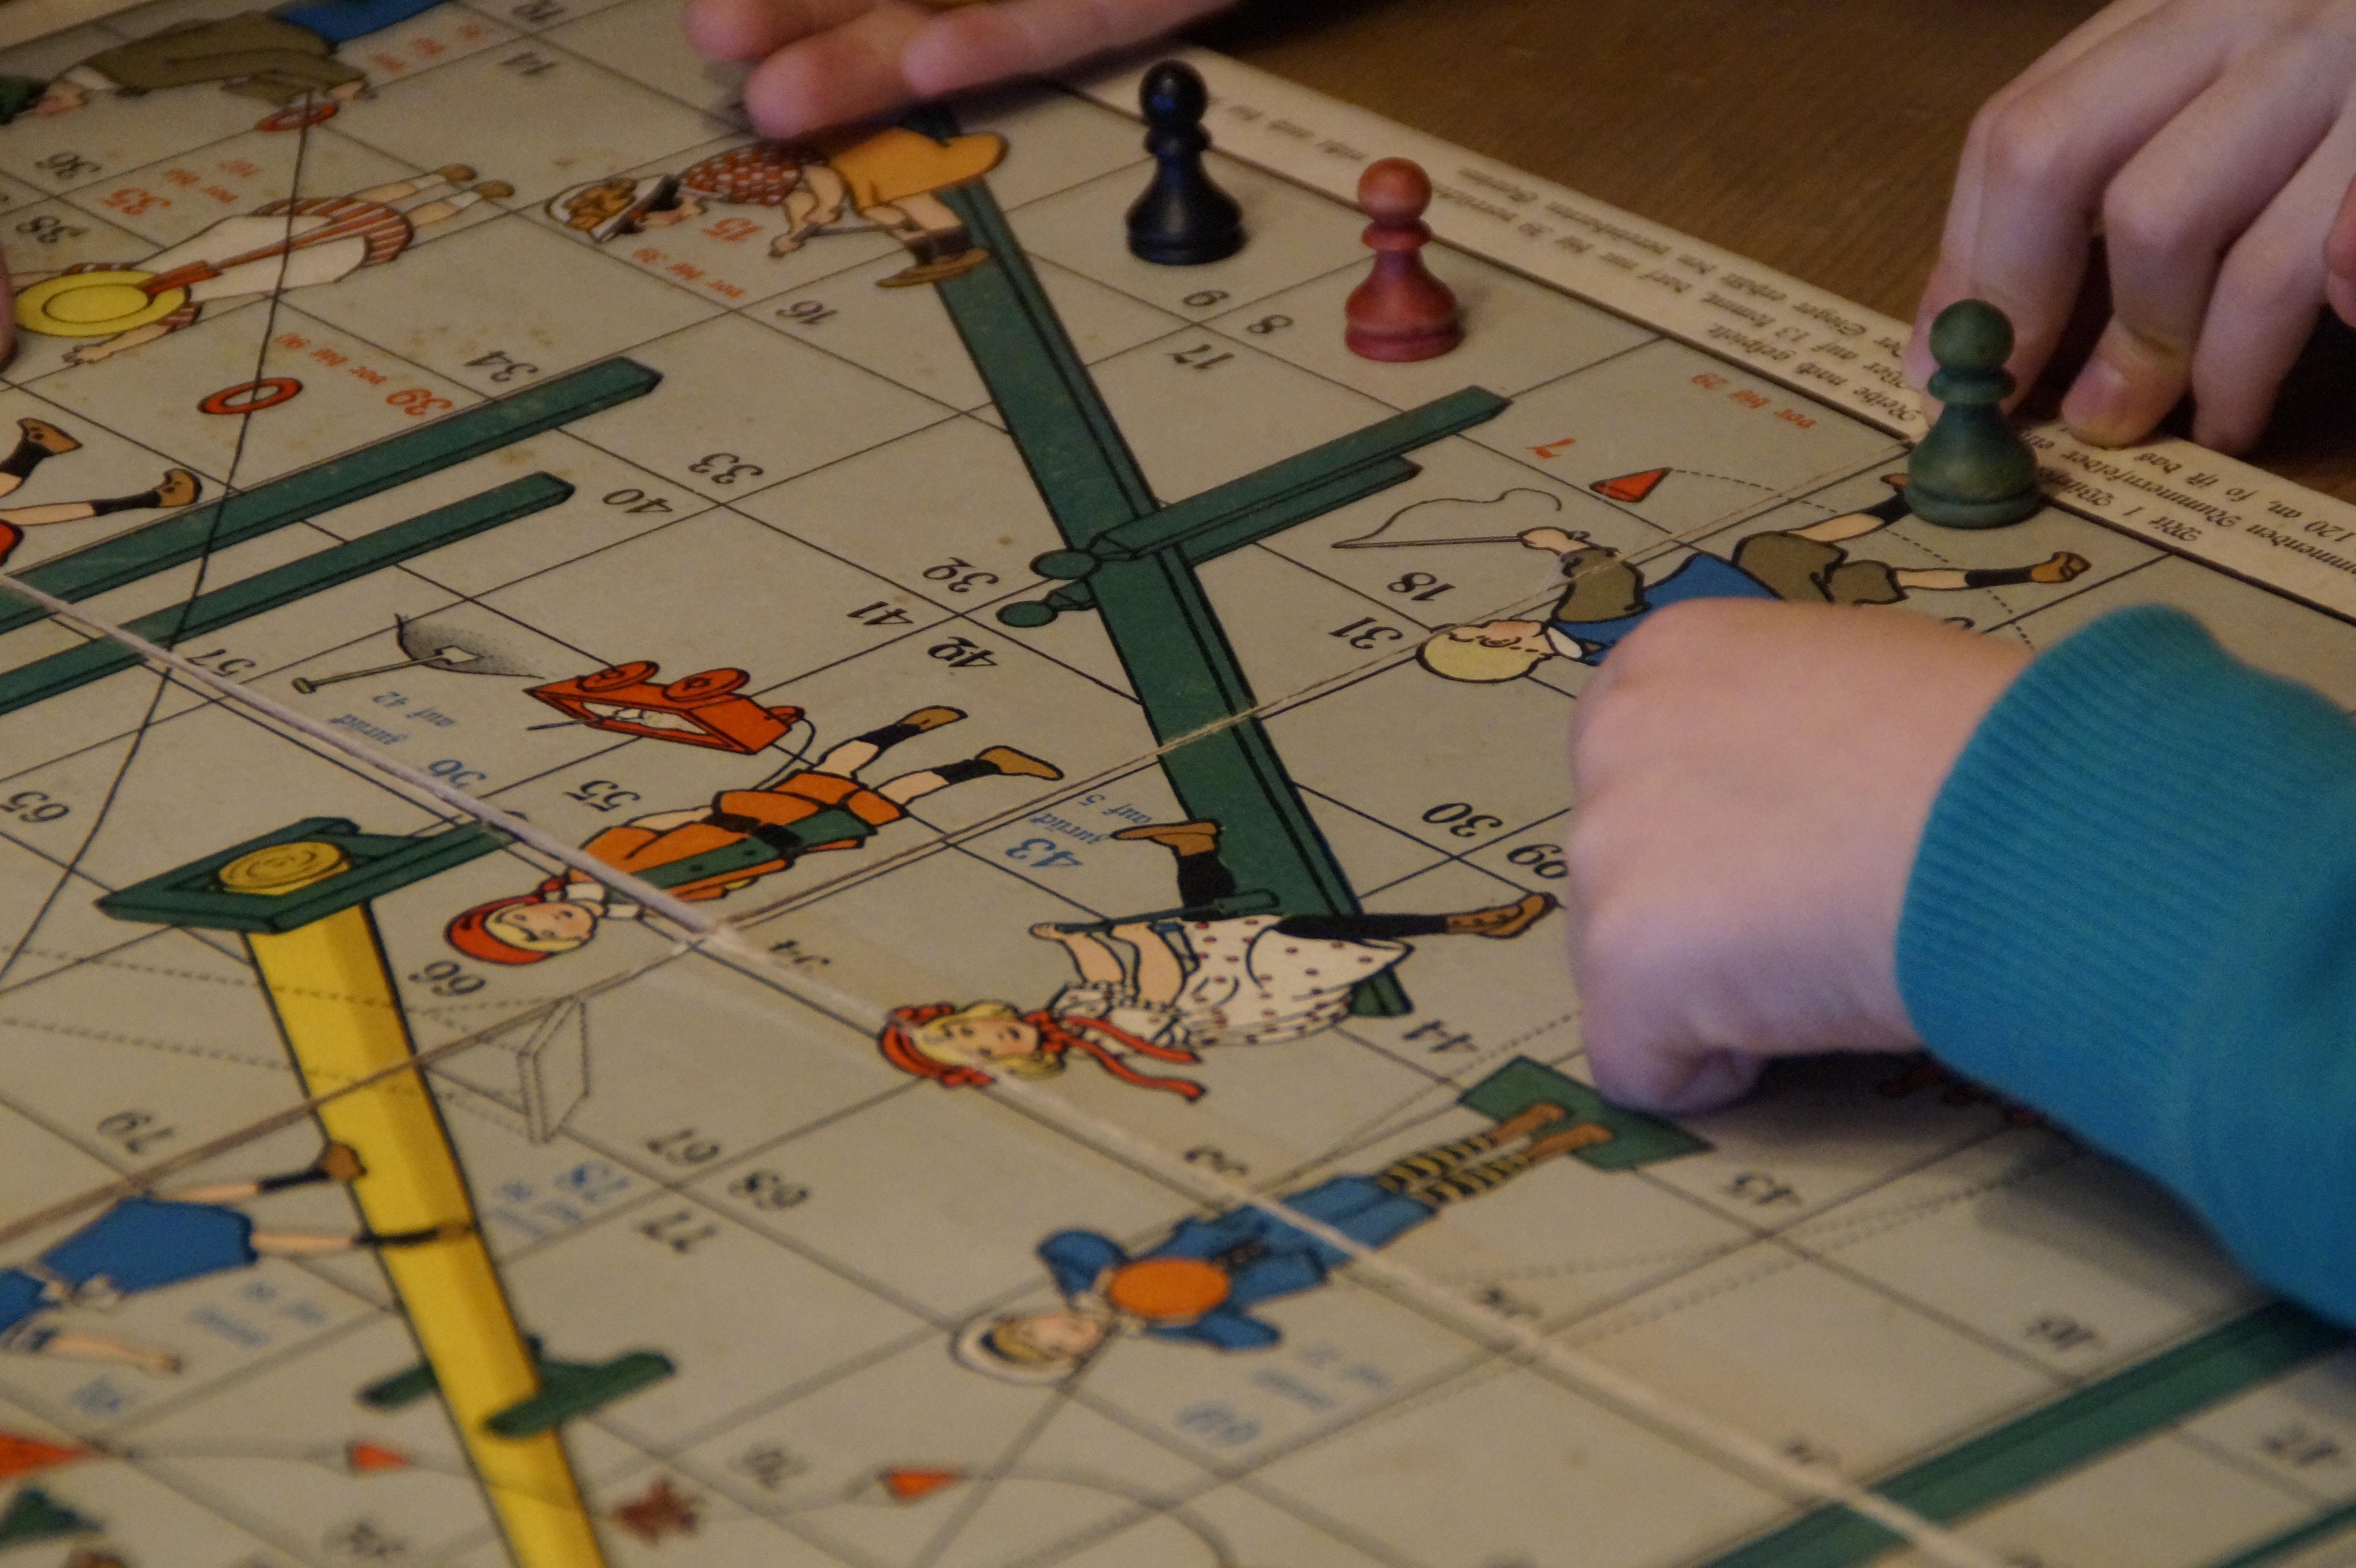 fotograf el antik eski renk cocuk nostalji oyuncak masa oyunu sanat cocuklar nostaljik boyali oyunlar sekil tarihsel olarak suruklemek oyun figuru gesellschaftsspiel oyun alani oyun tahtasi yenmek cocuklarin kafa oyunu oyun